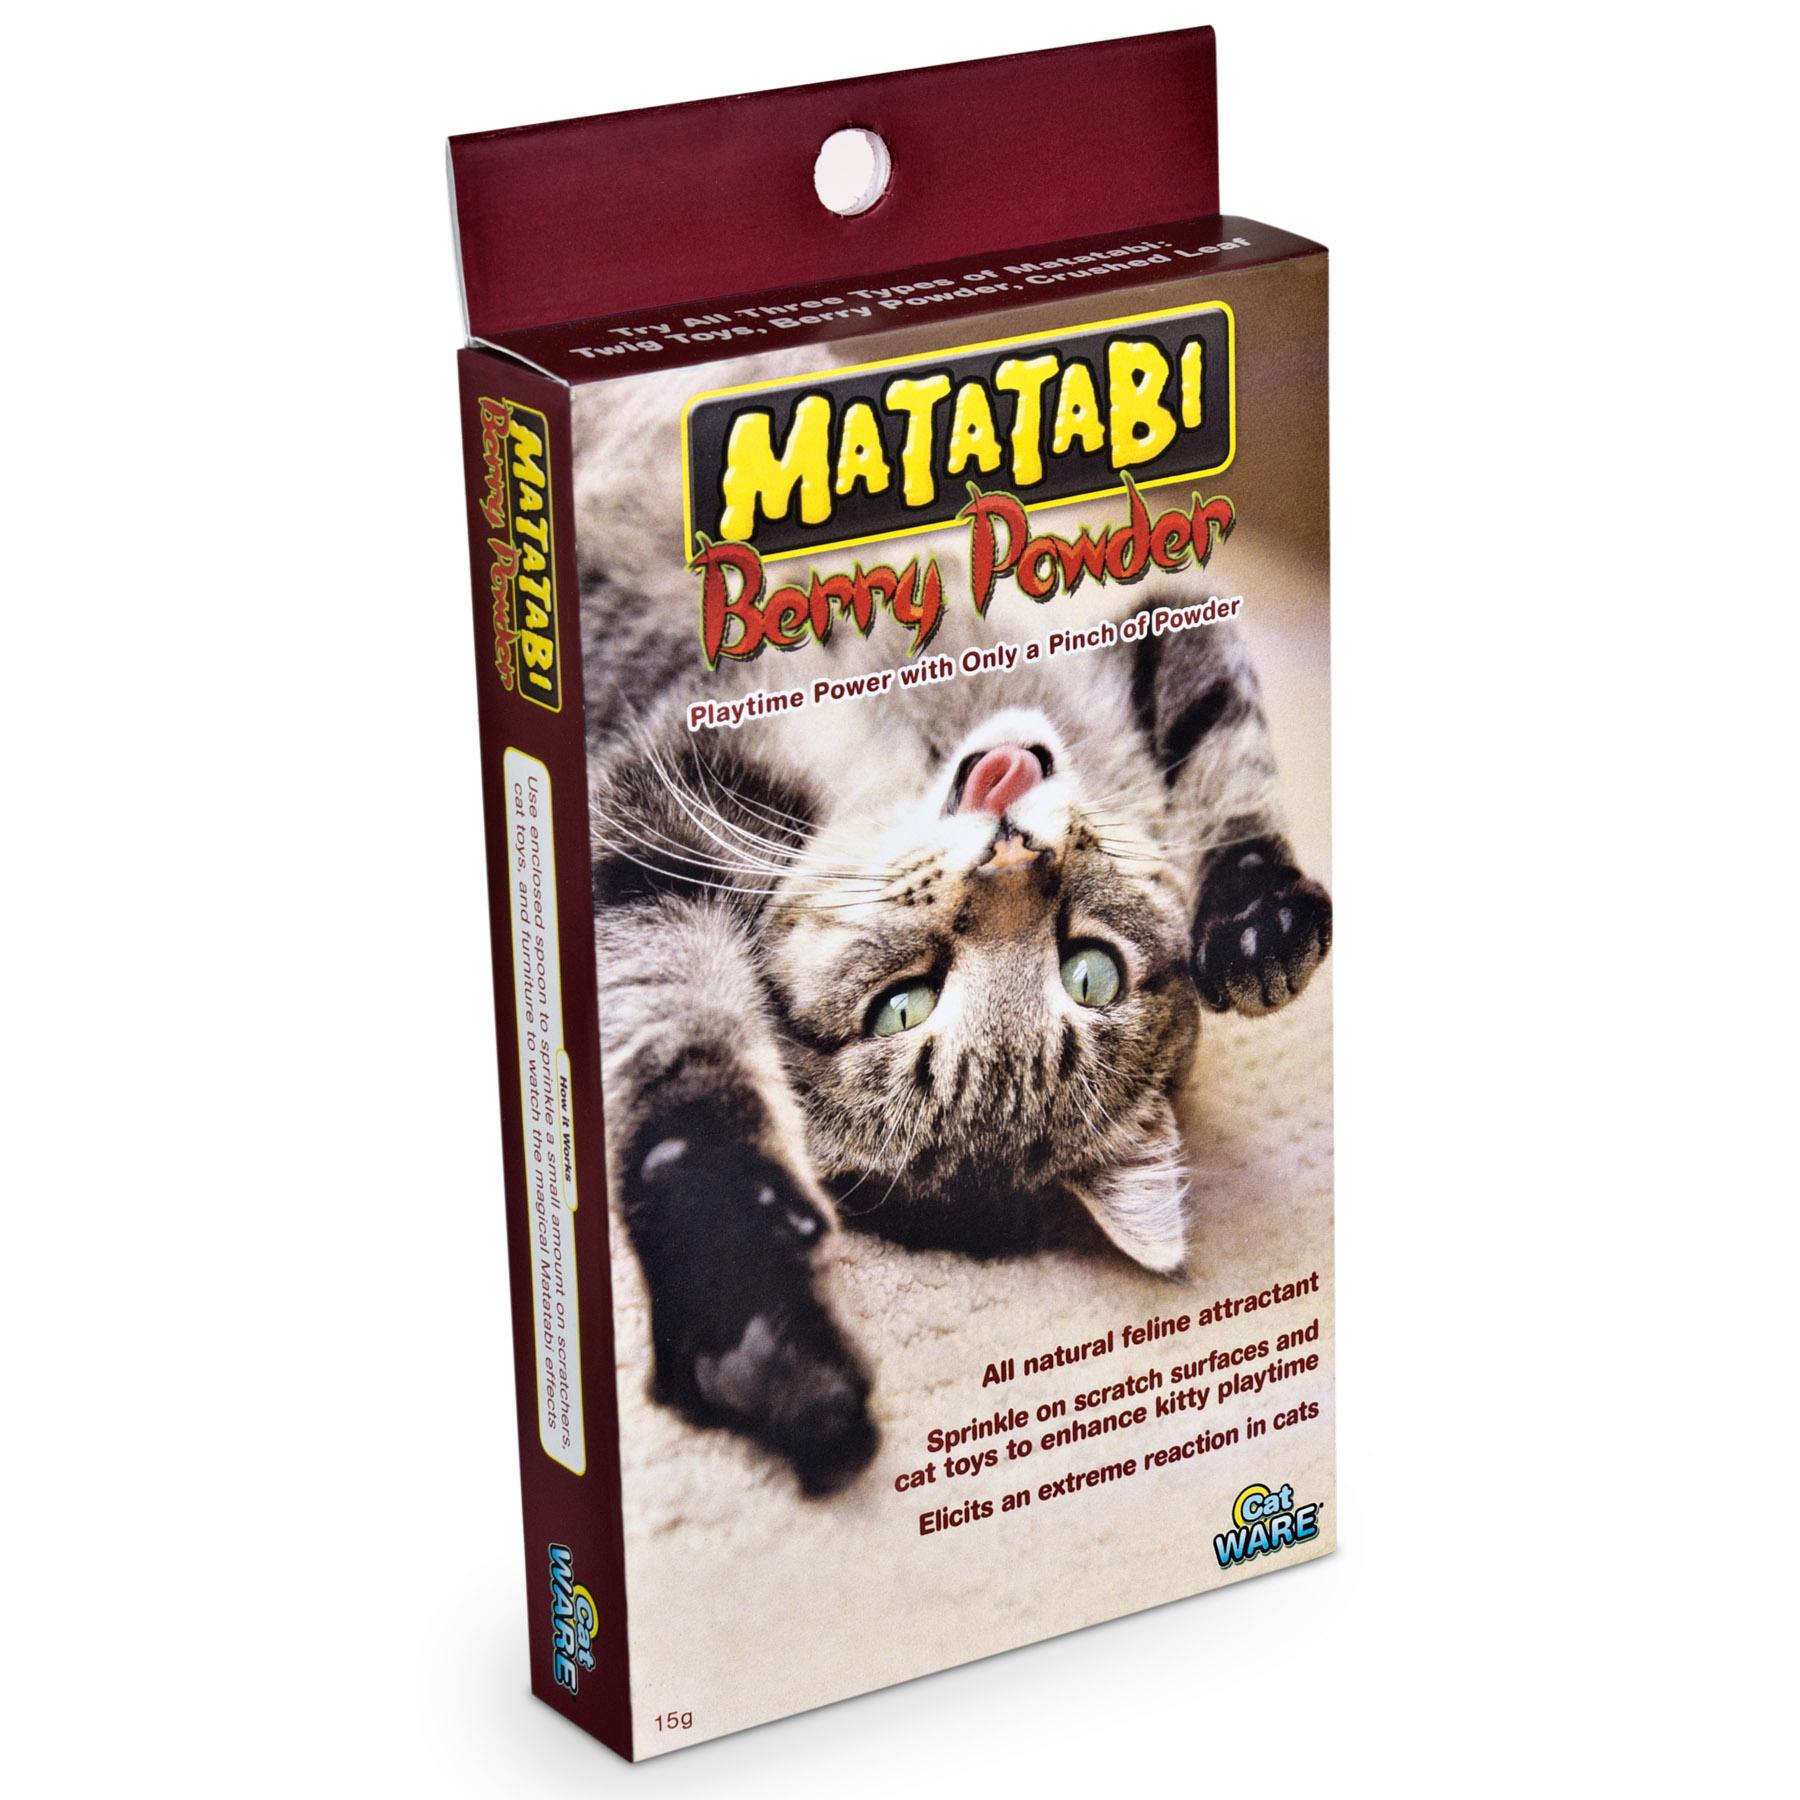 Matatabi Berry Powder w/Spoon